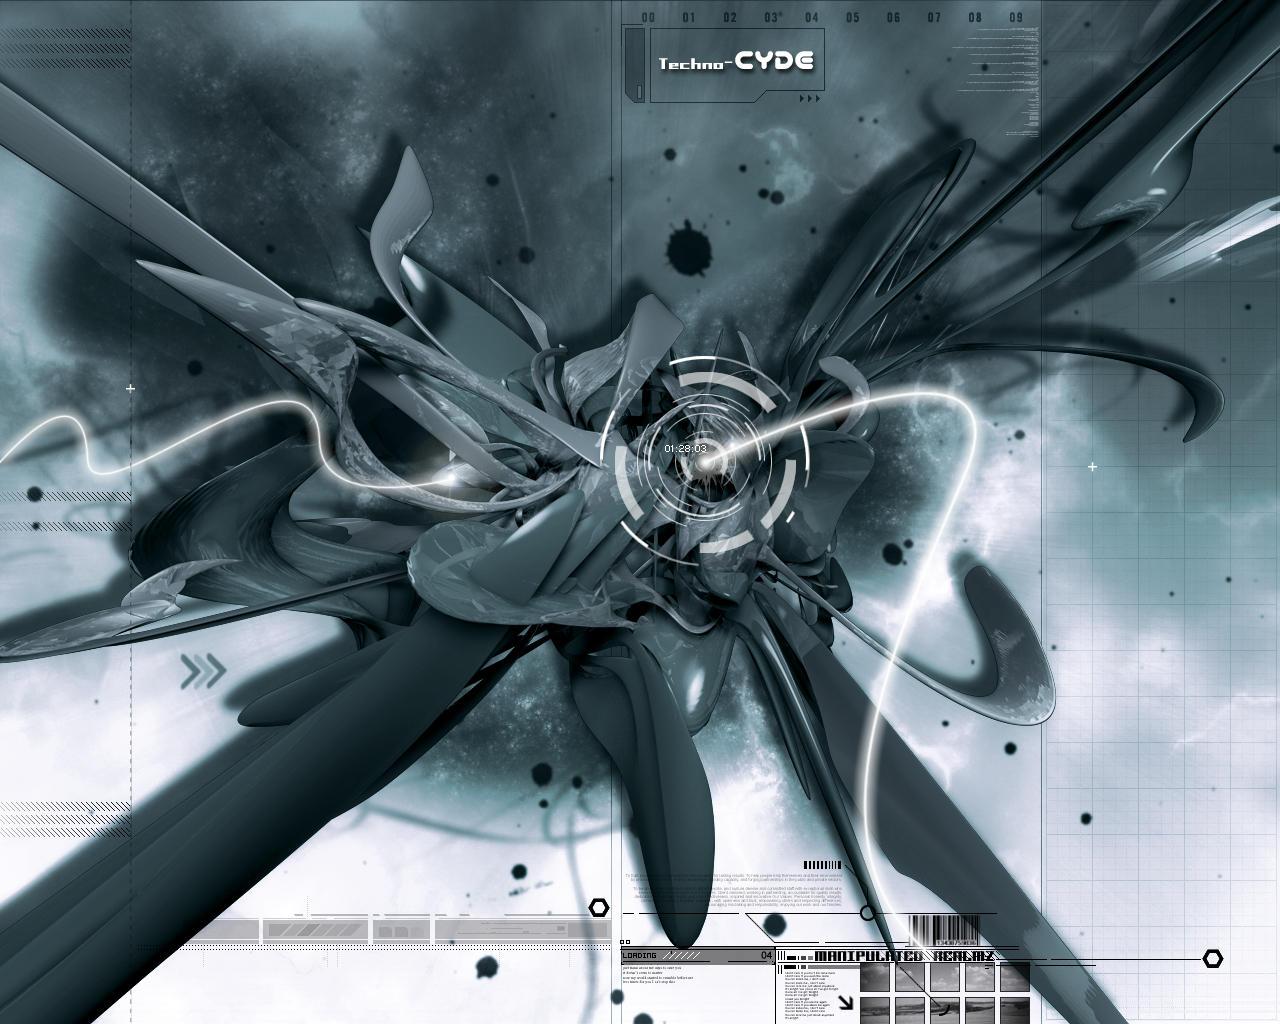 technoCYDE by ManipulatedRealmz